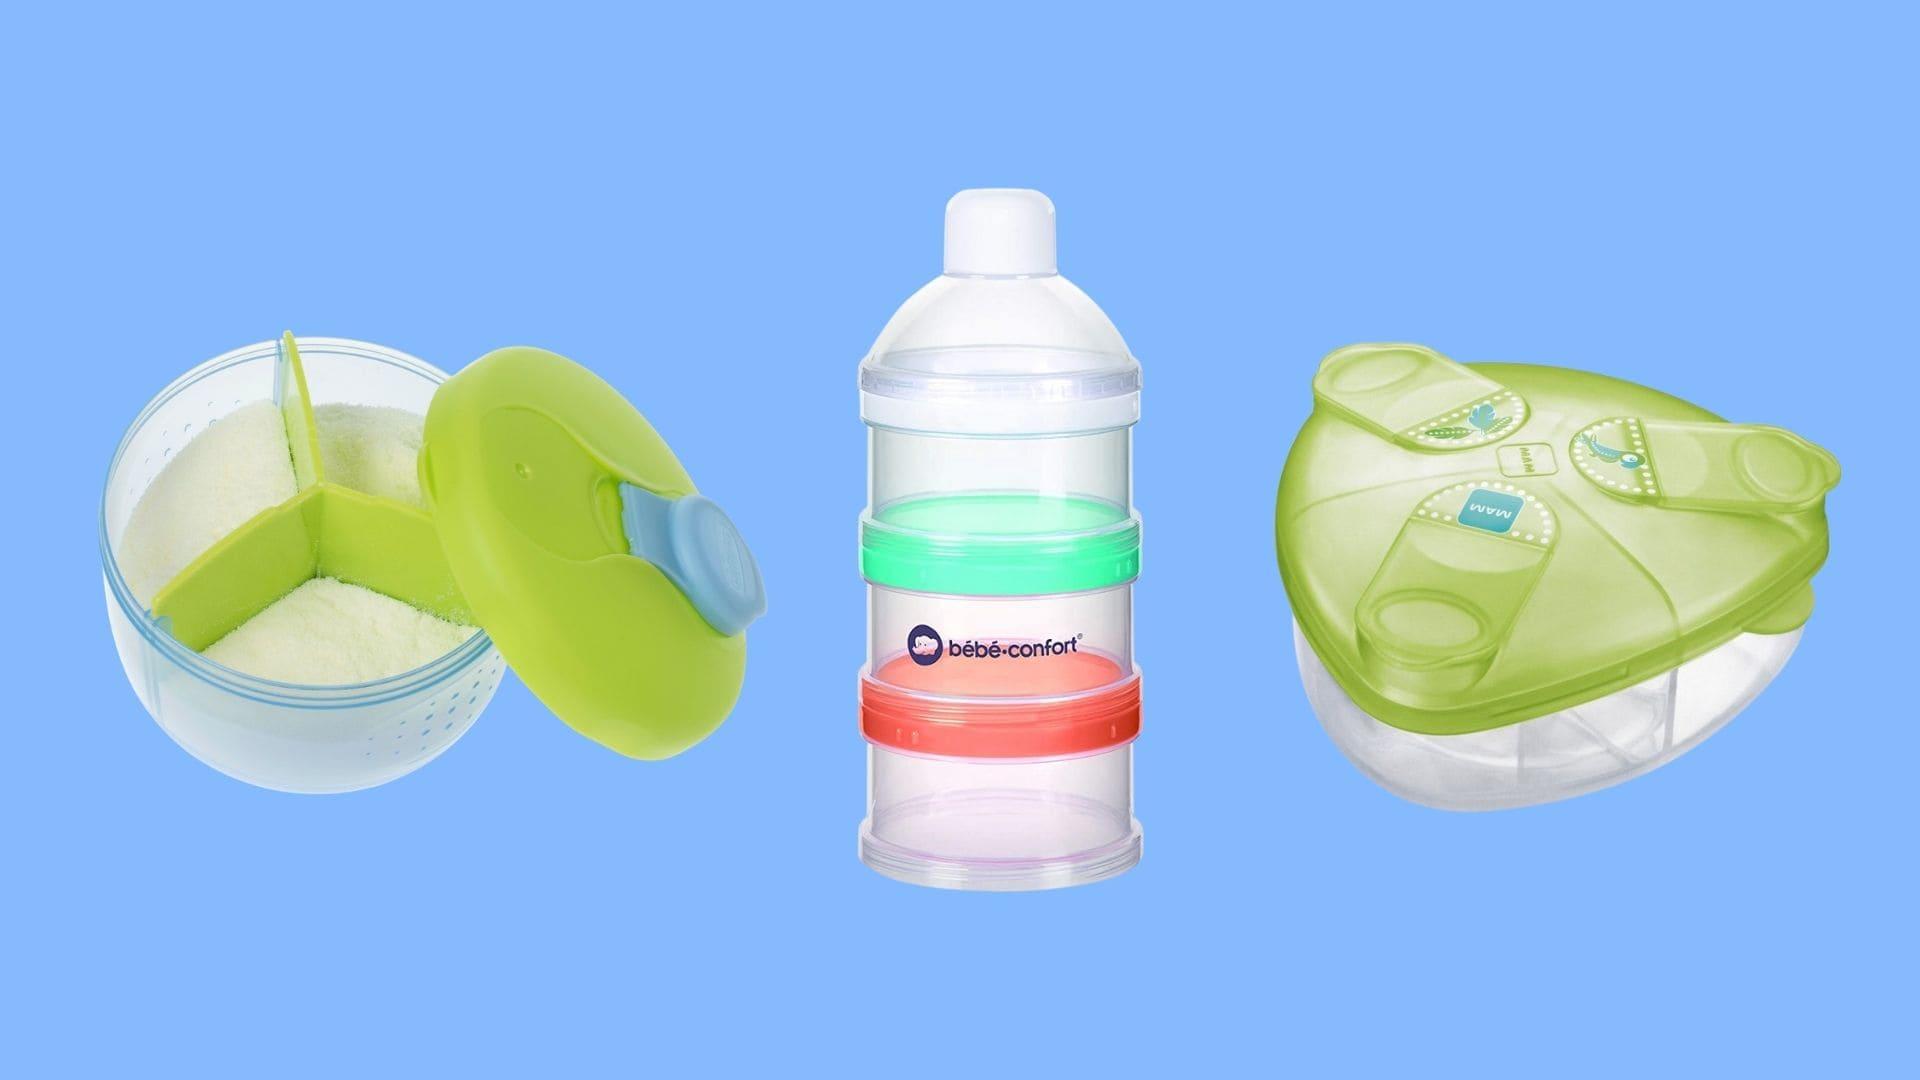 miglior-dosatore-per-latte-in-polvere